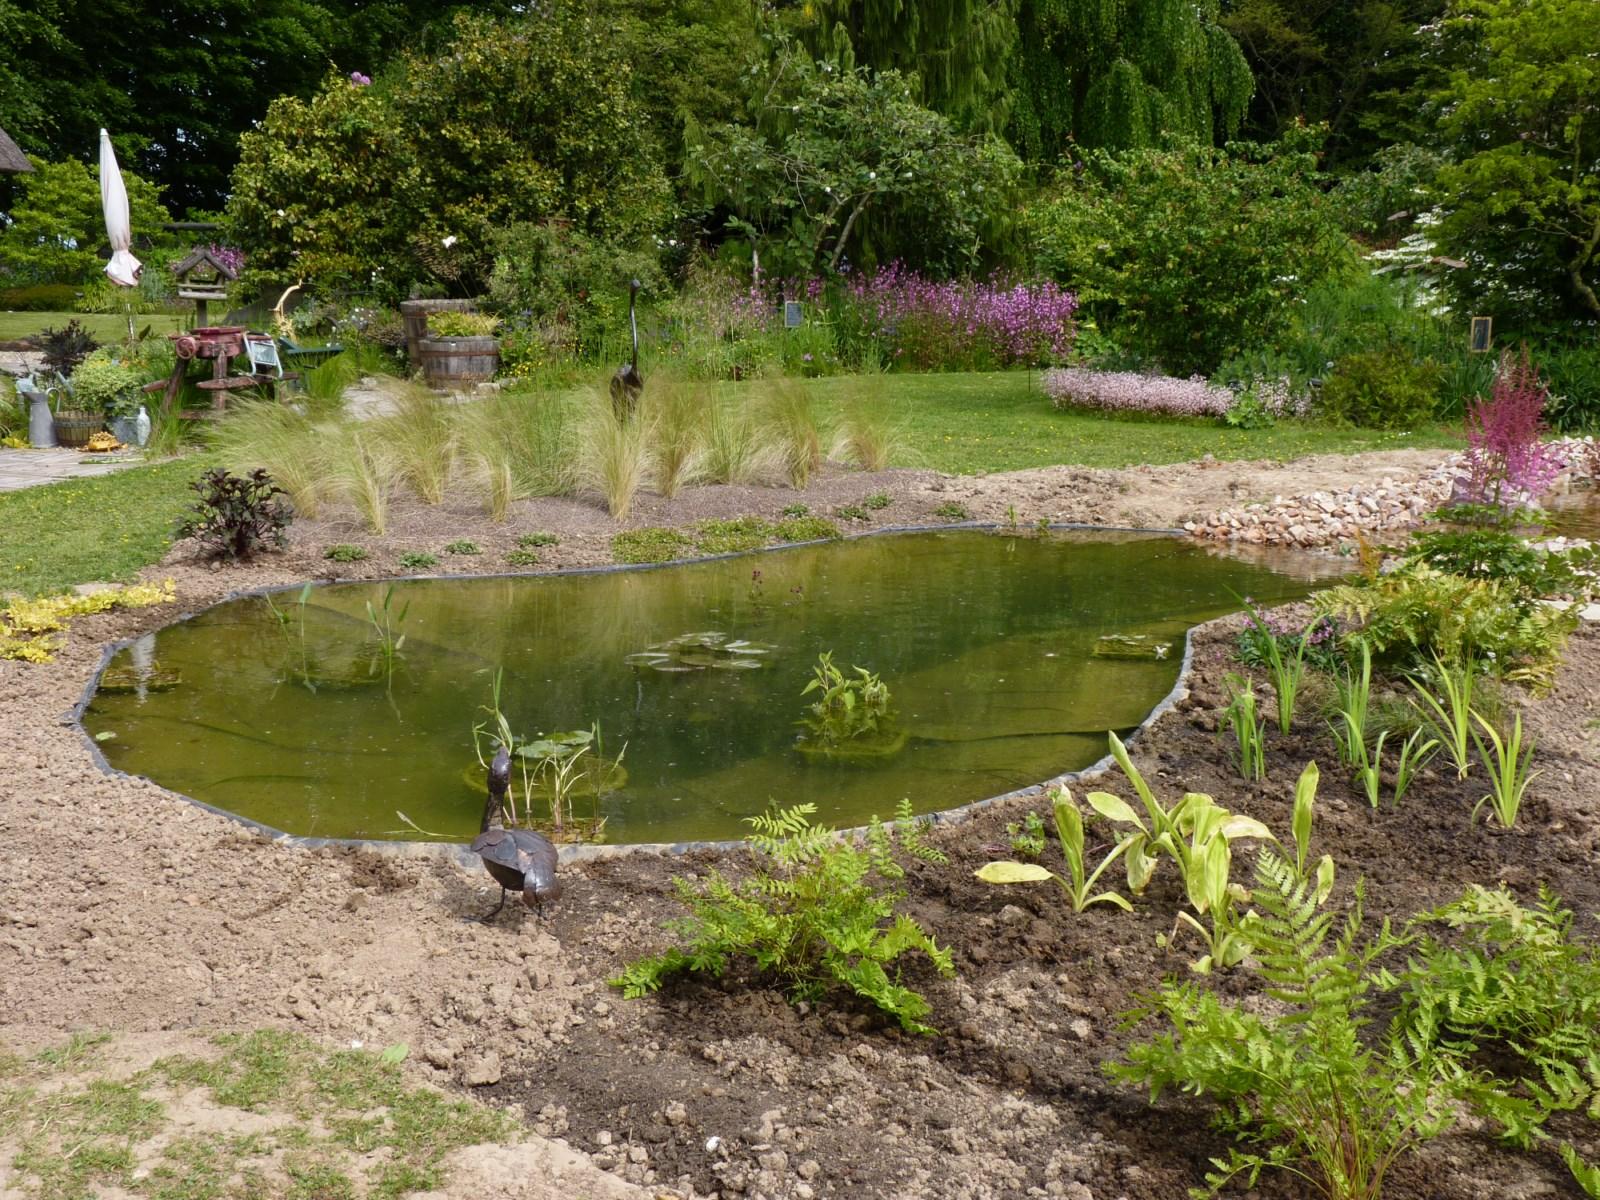 Le bassin aquatique dans votre jardin gr zieu la varenne paysagiste dardilly lyon les - Bassin aquatique contemporain calais ...